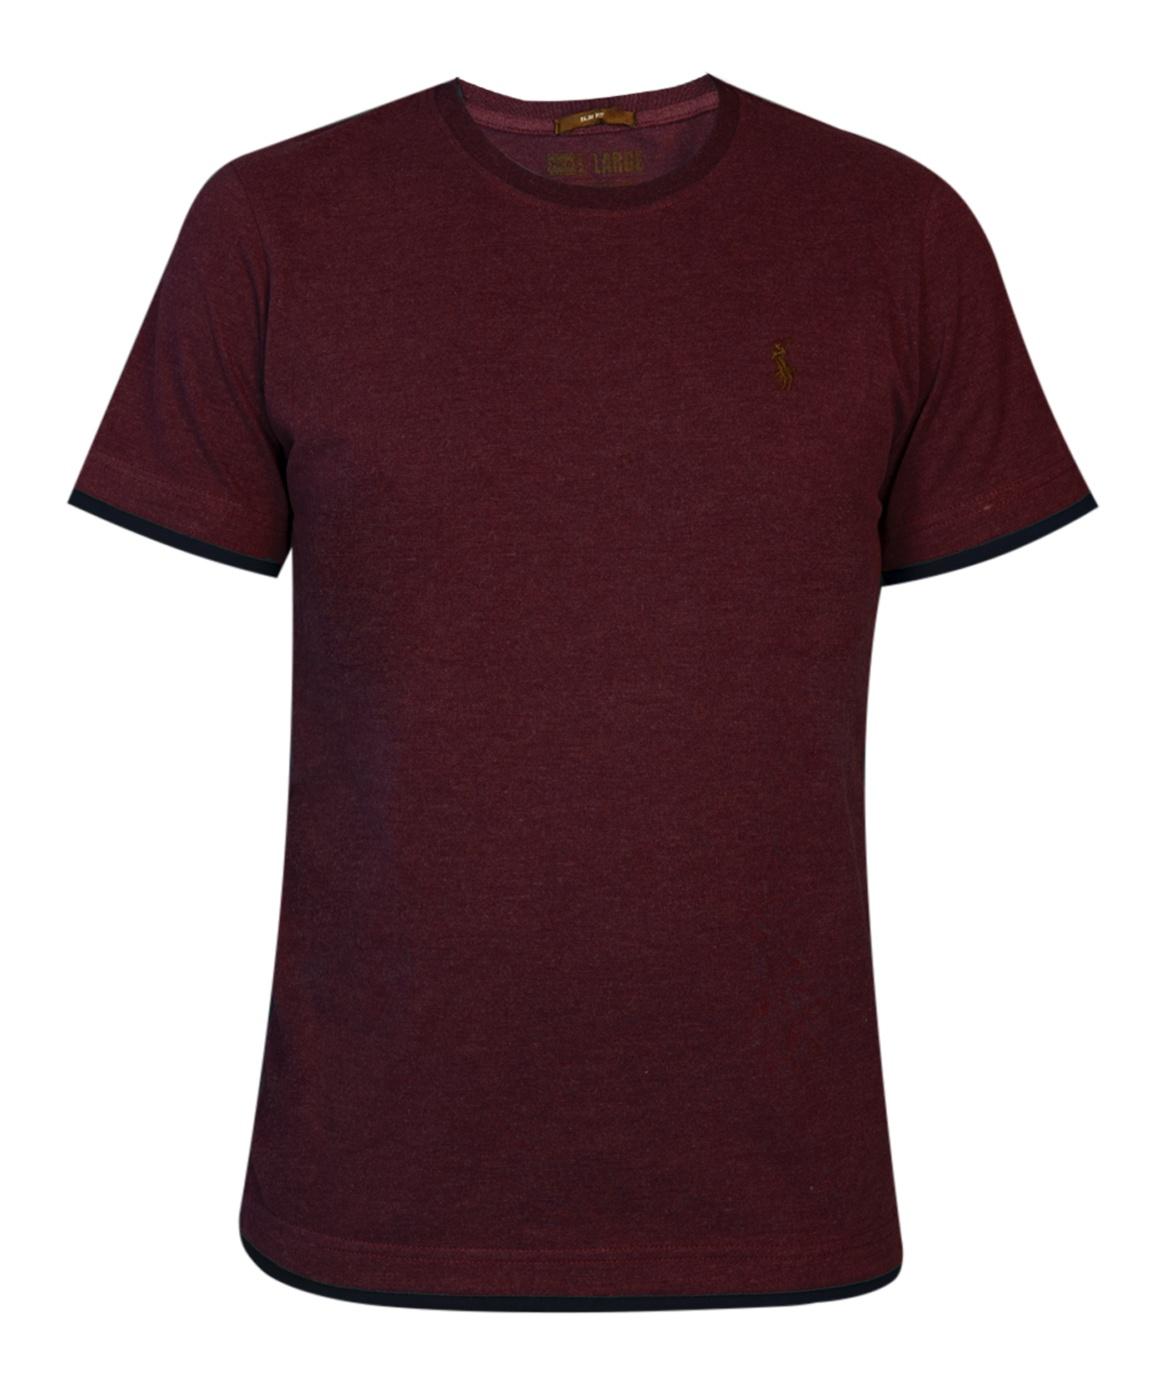 تصویر تی شرت مردانه کد 254-225